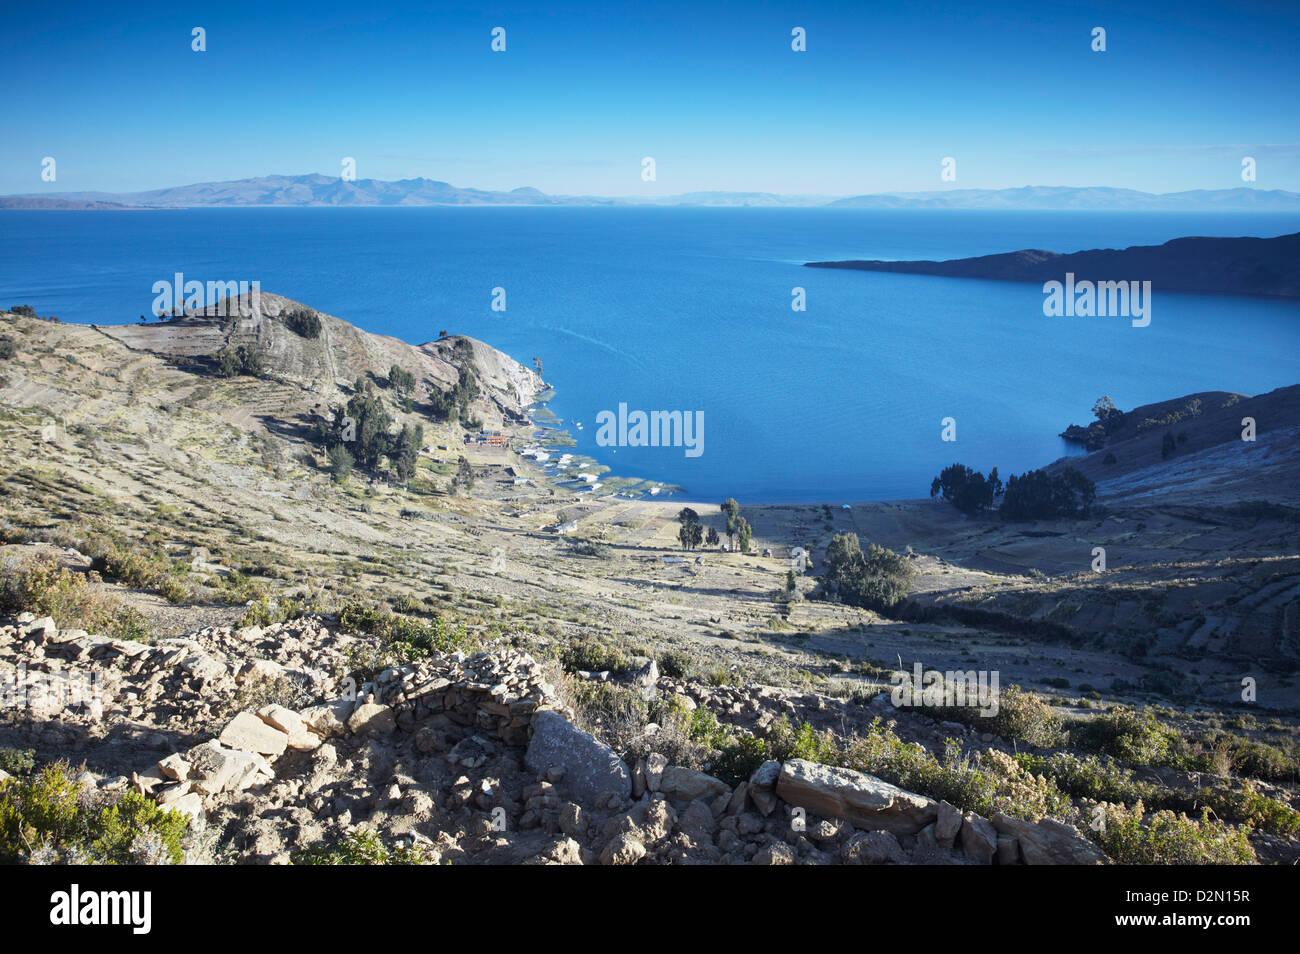 Isla del Sol (Île du Soleil), le Lac Titicaca, Bolivie, Amérique du Sud Photo Stock